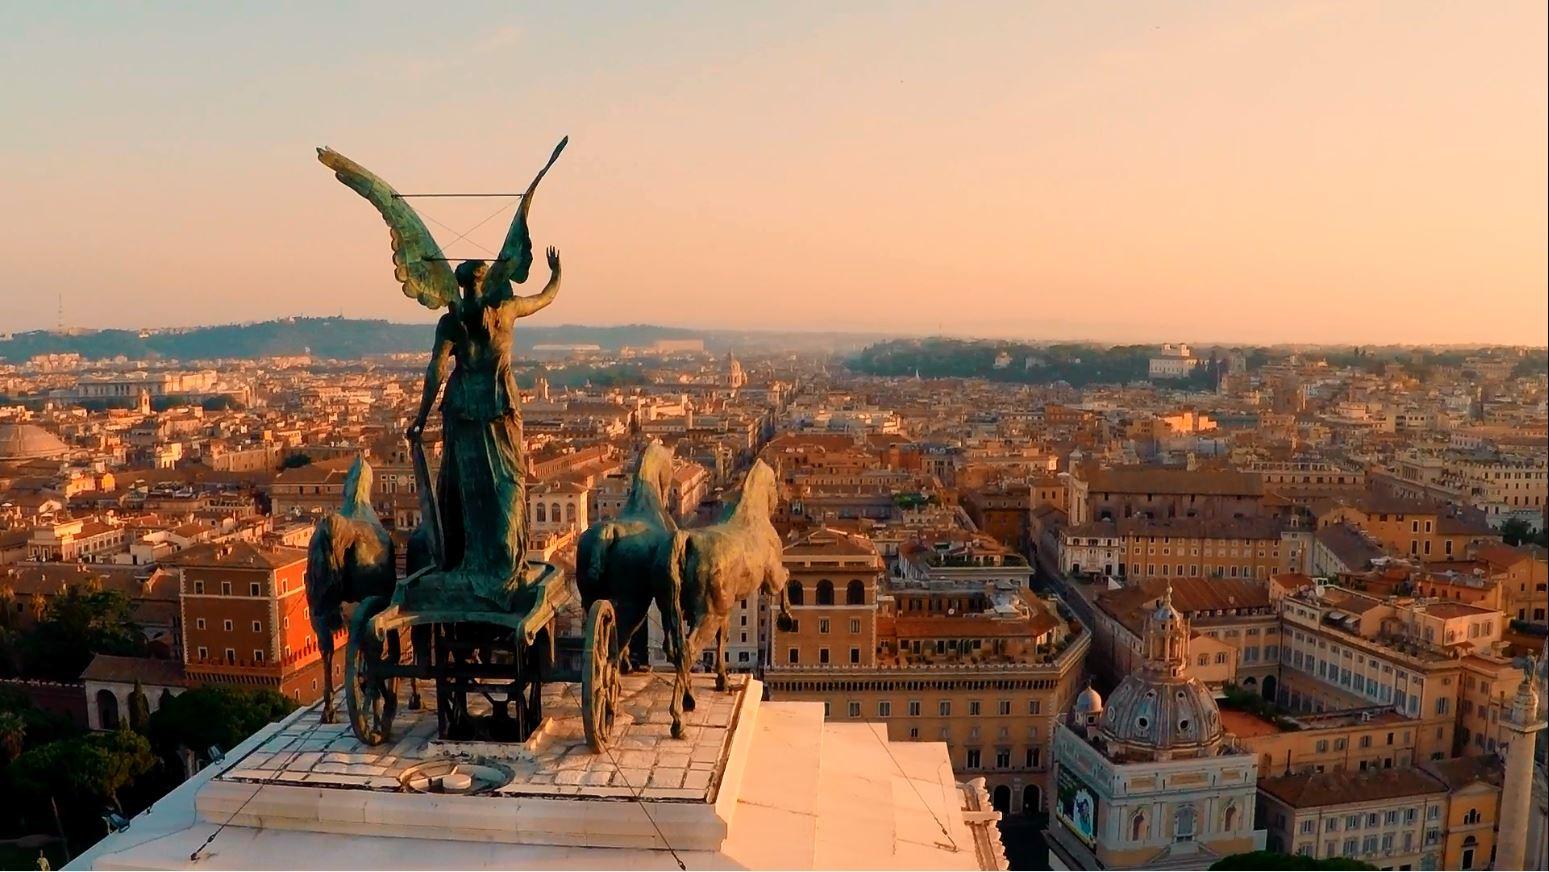 Un baile por Roma 2 - Be There Before